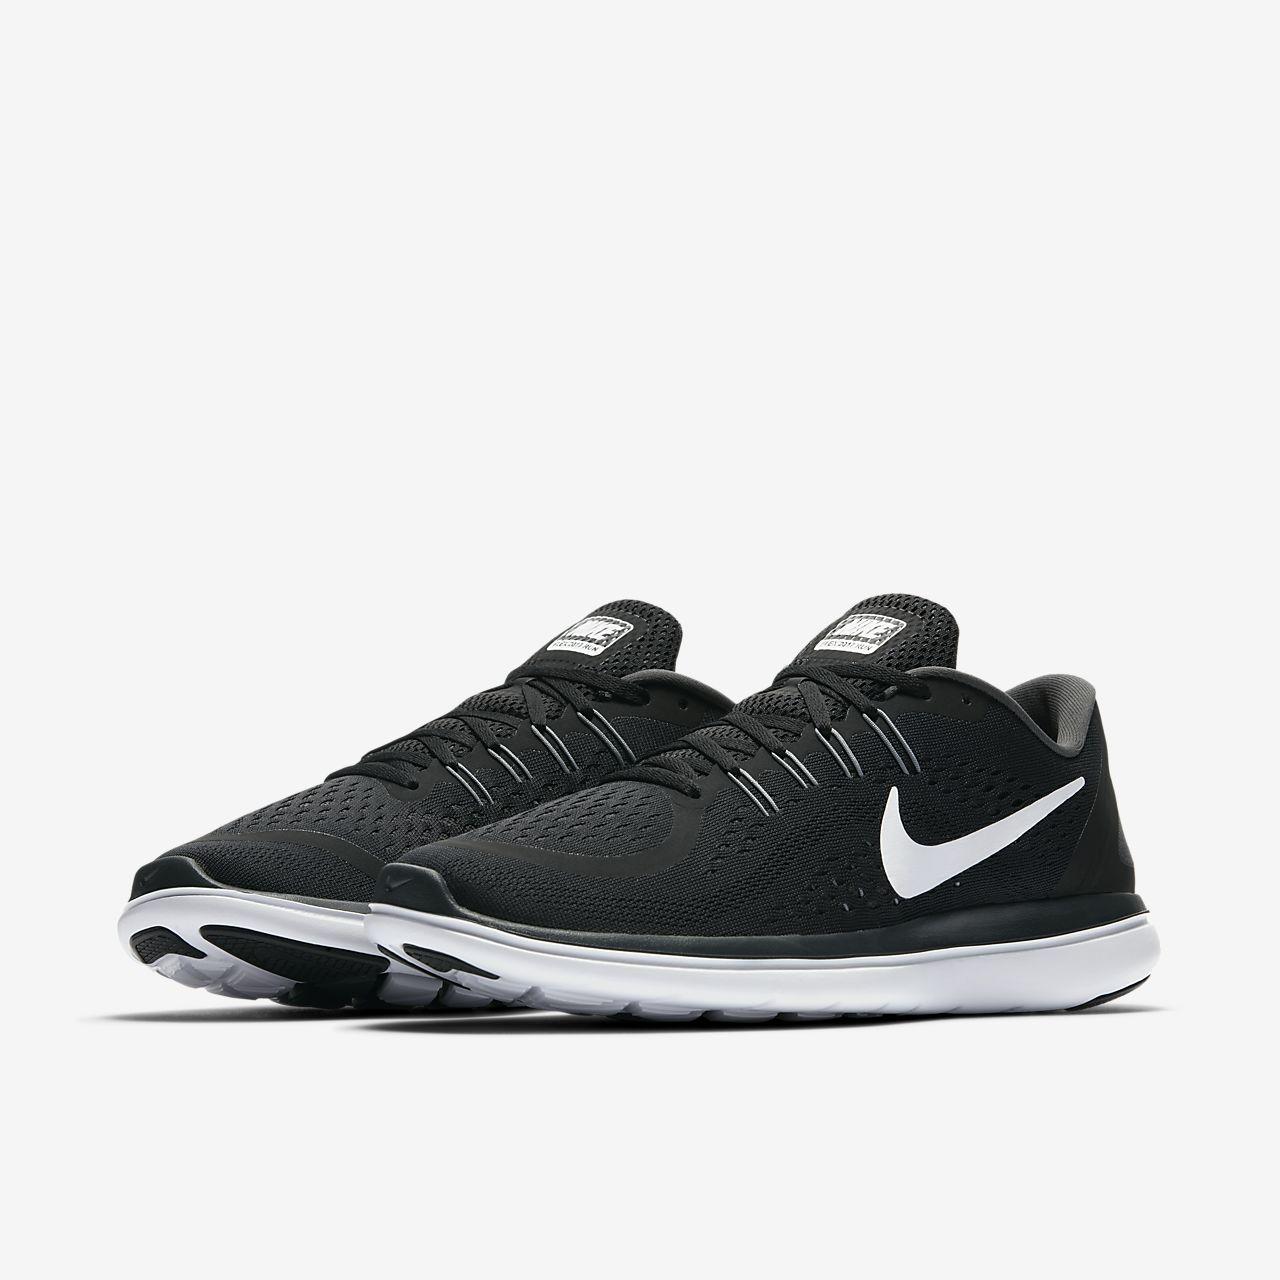 Męskie buty do biegania Nike Flex 2017 RN @ Nike